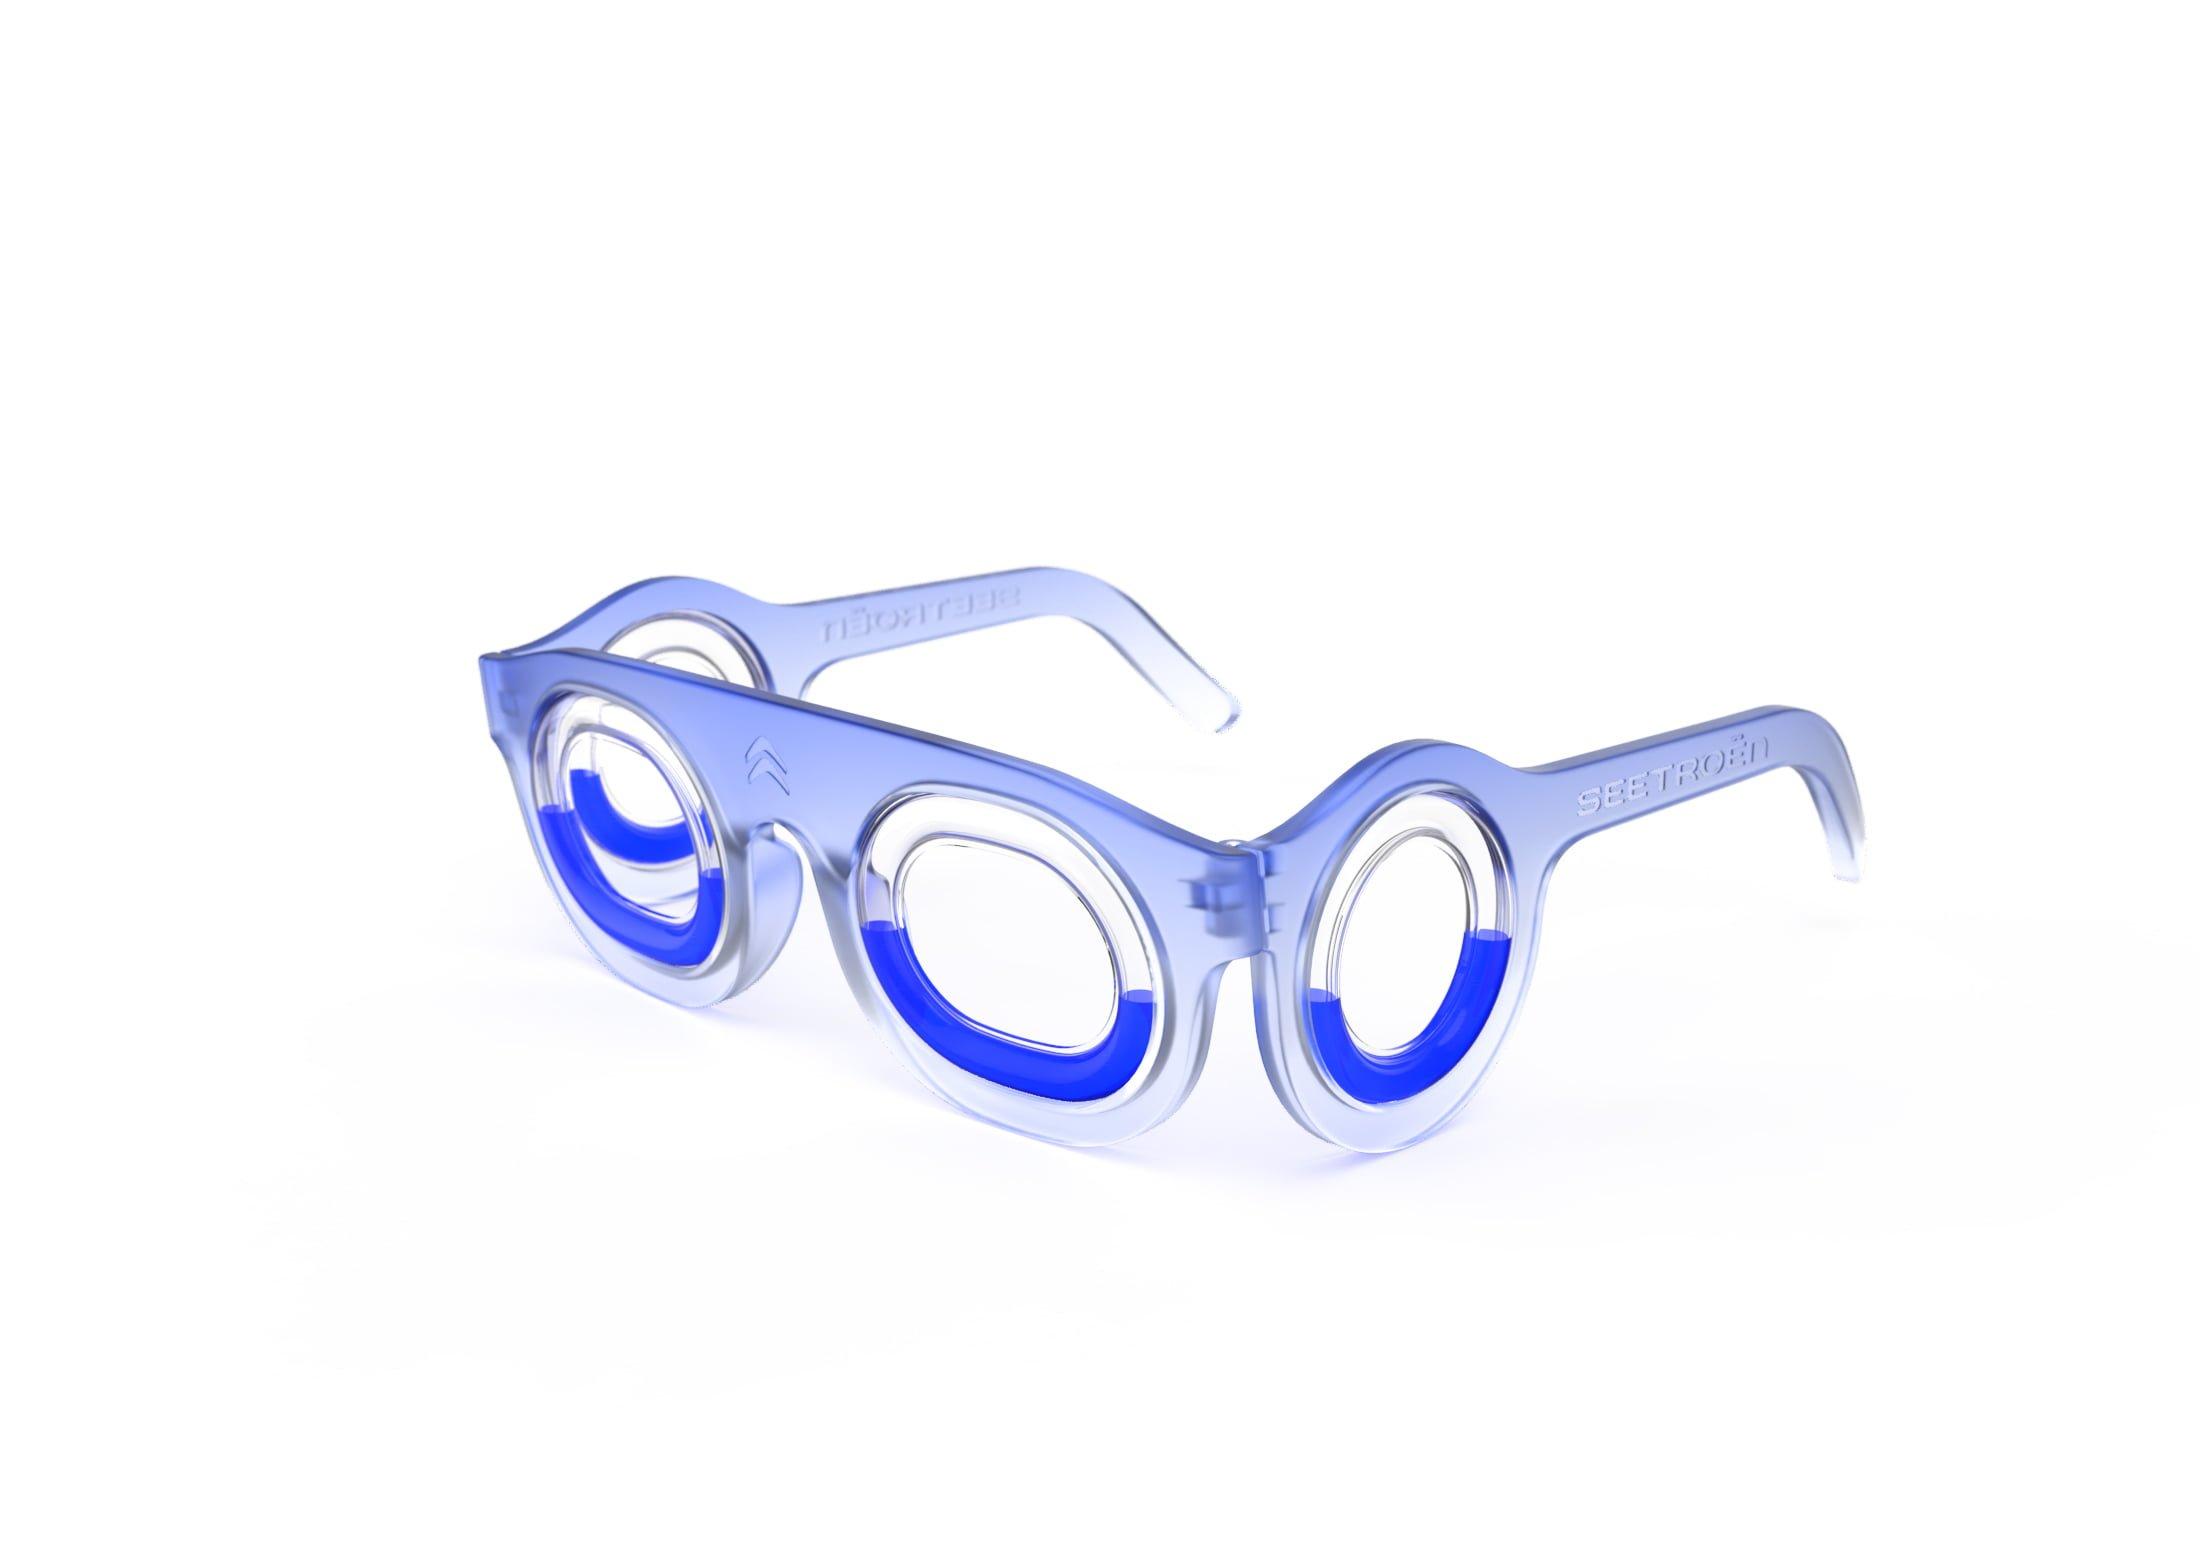 Może wyglądają trochę śmiesznie, ale te okulary przeciwdziałają chorobie lokomocyjnej 17